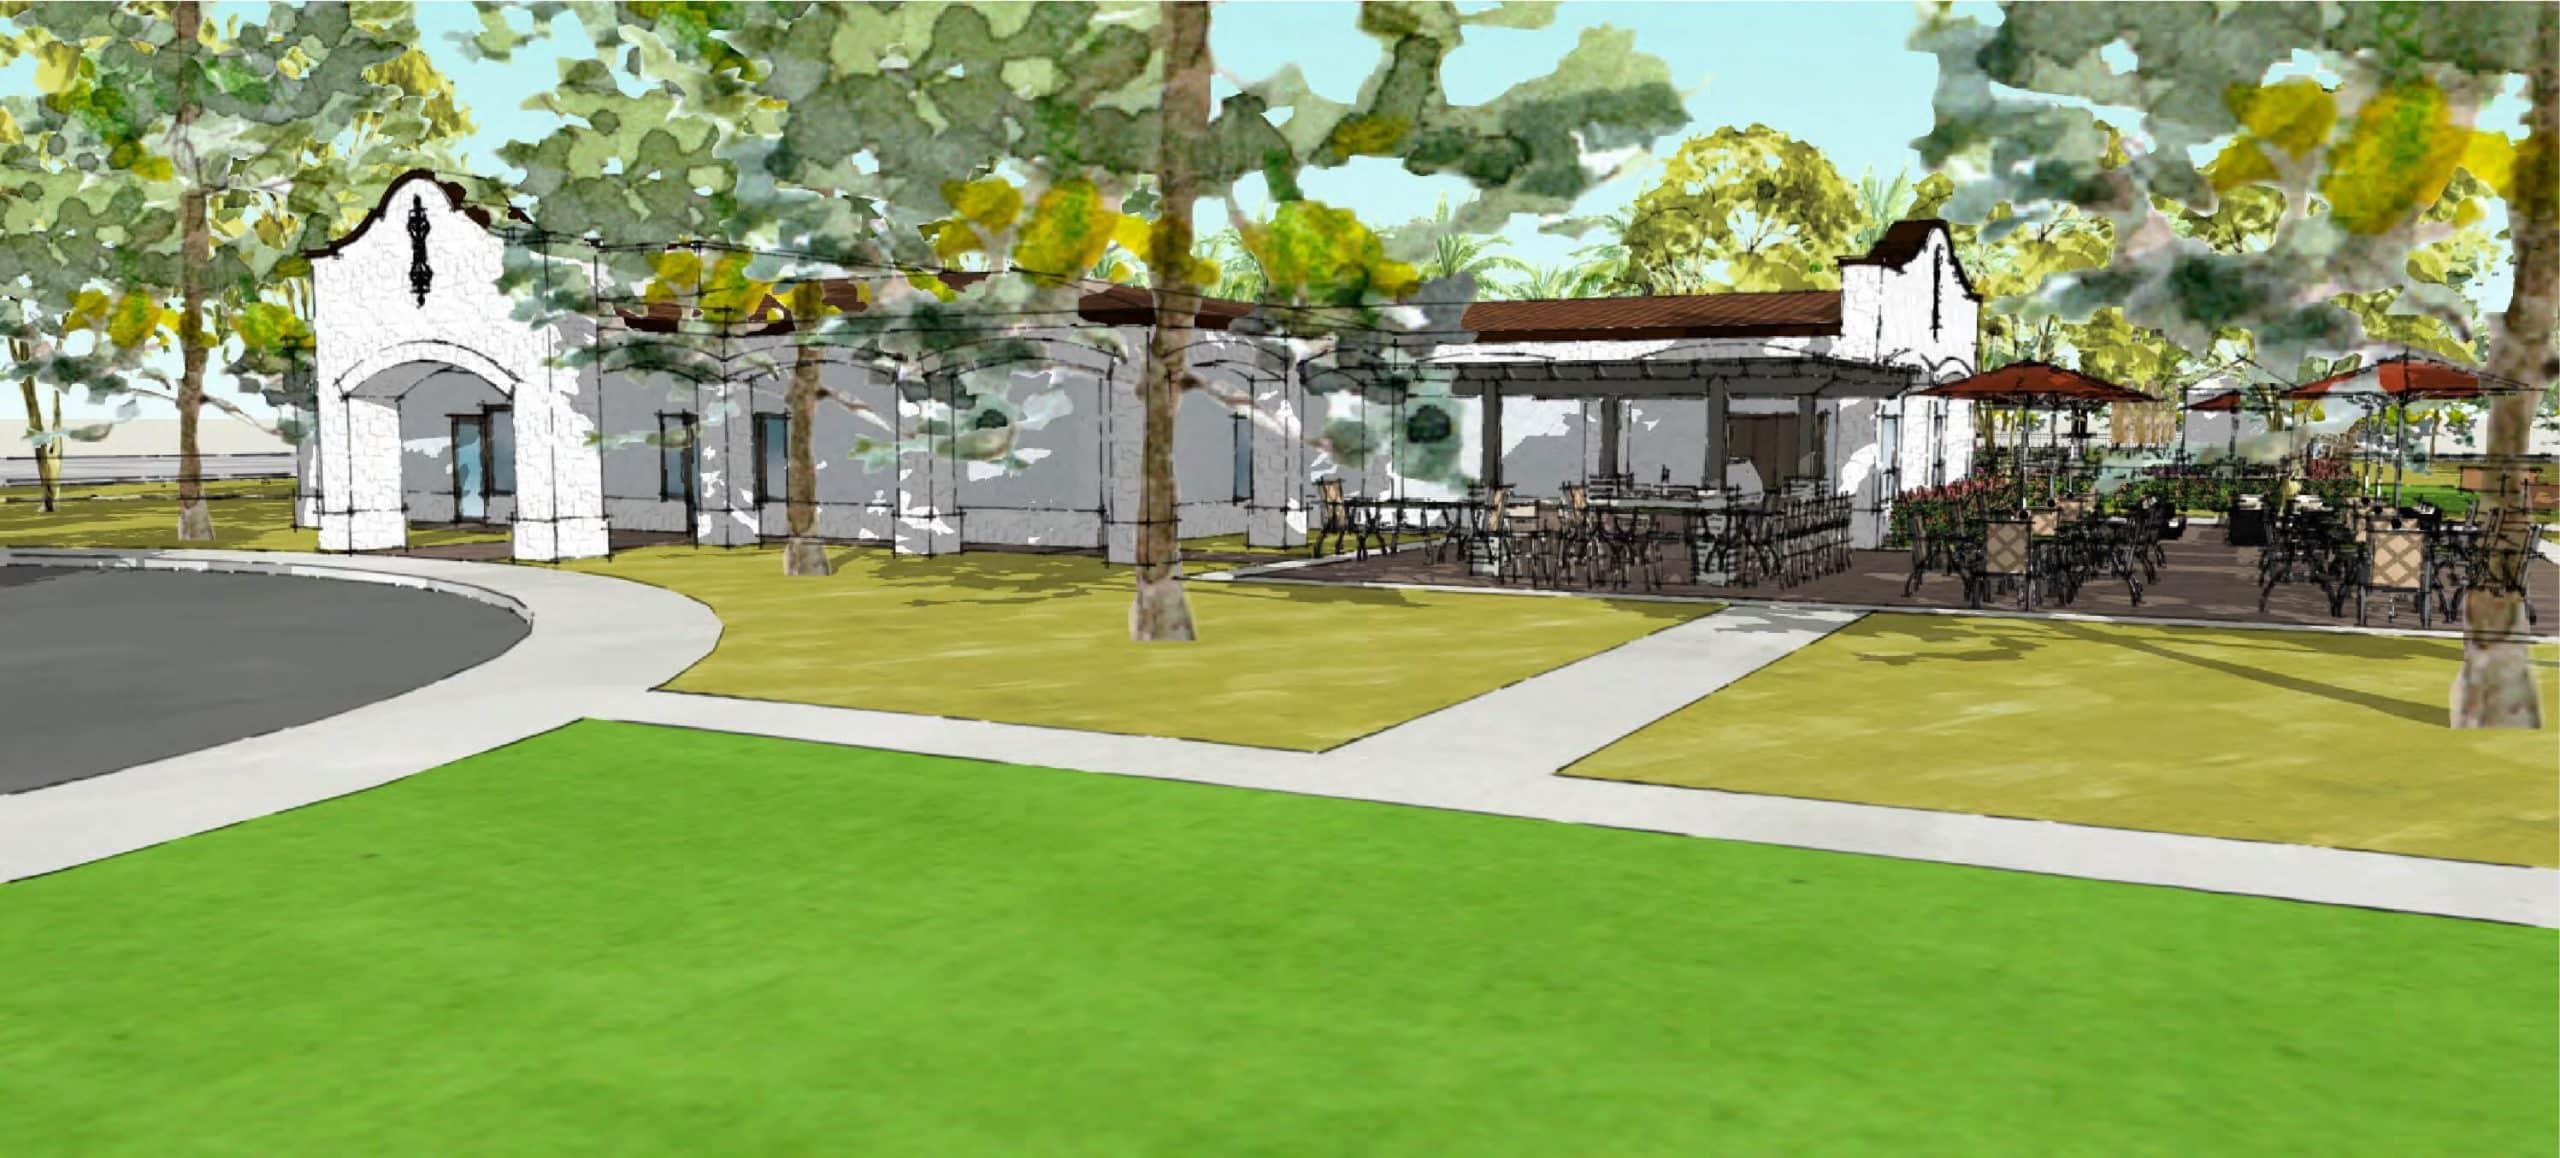 Palms Club Architecture Revision 2019 08 13 Part1 01